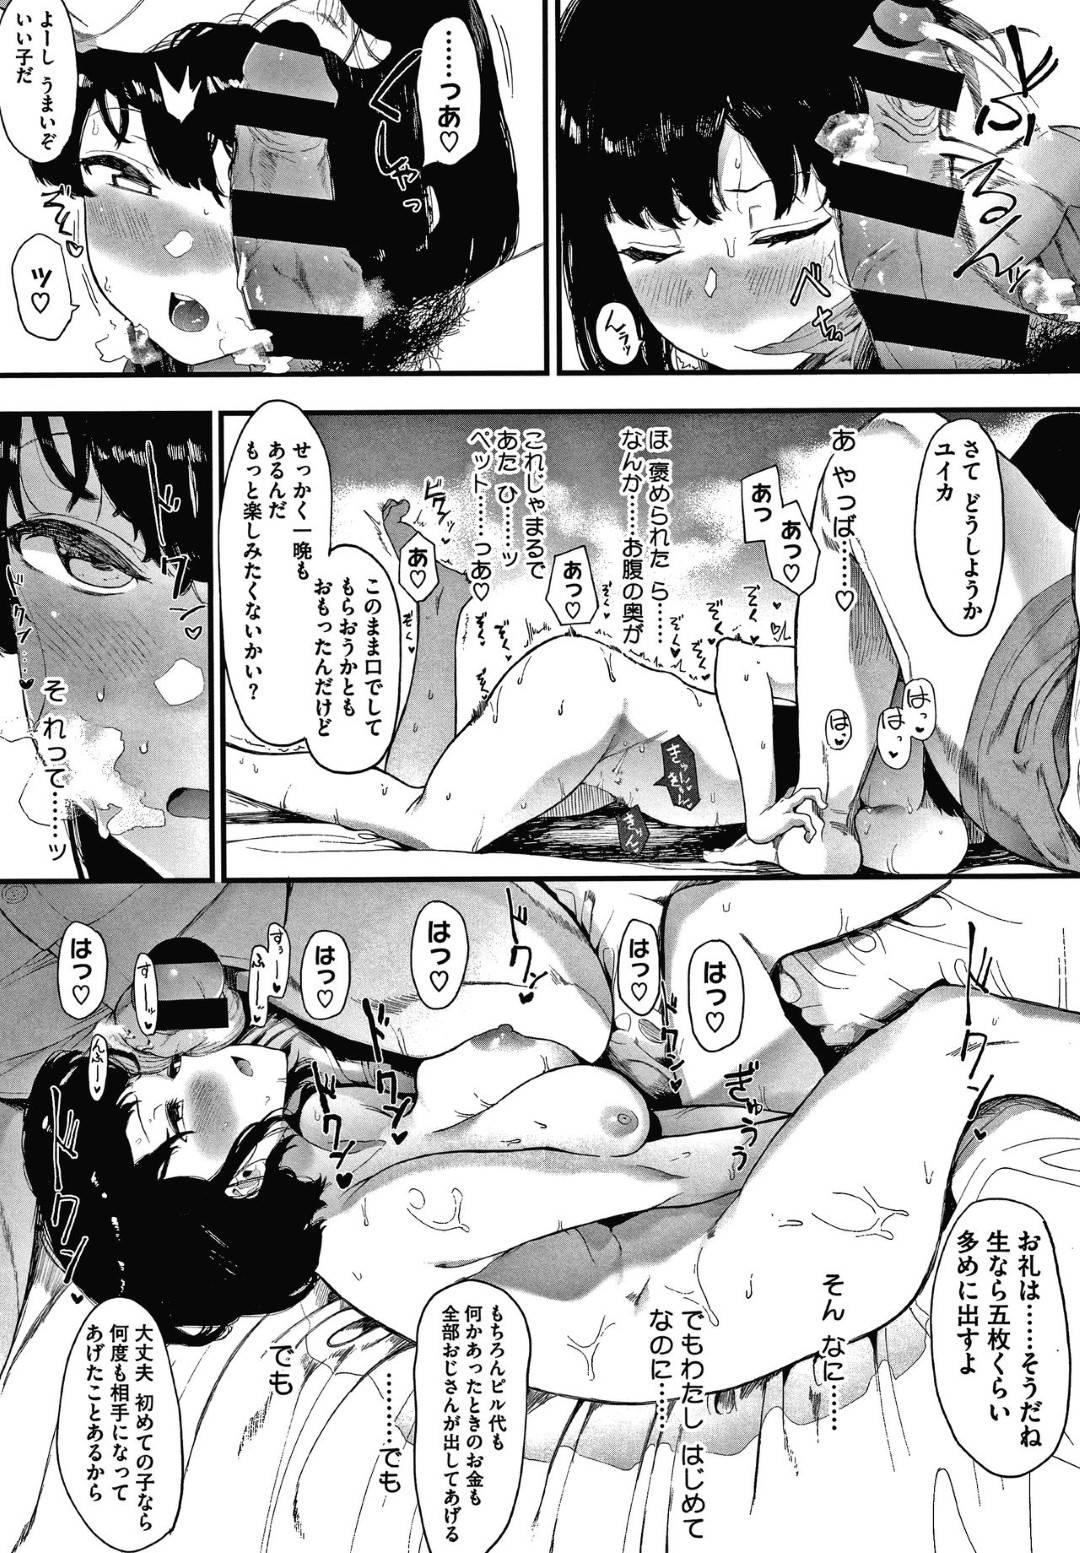 【エロ漫画】ライブに行くためにパパ活を始めた巨乳処女JK…お金に目が眩み生挿入まで許してしまう!しかしドMの才能があったJKは欲情しまくり!何度もアクメをキメながら中出しされる!【えいとまん】